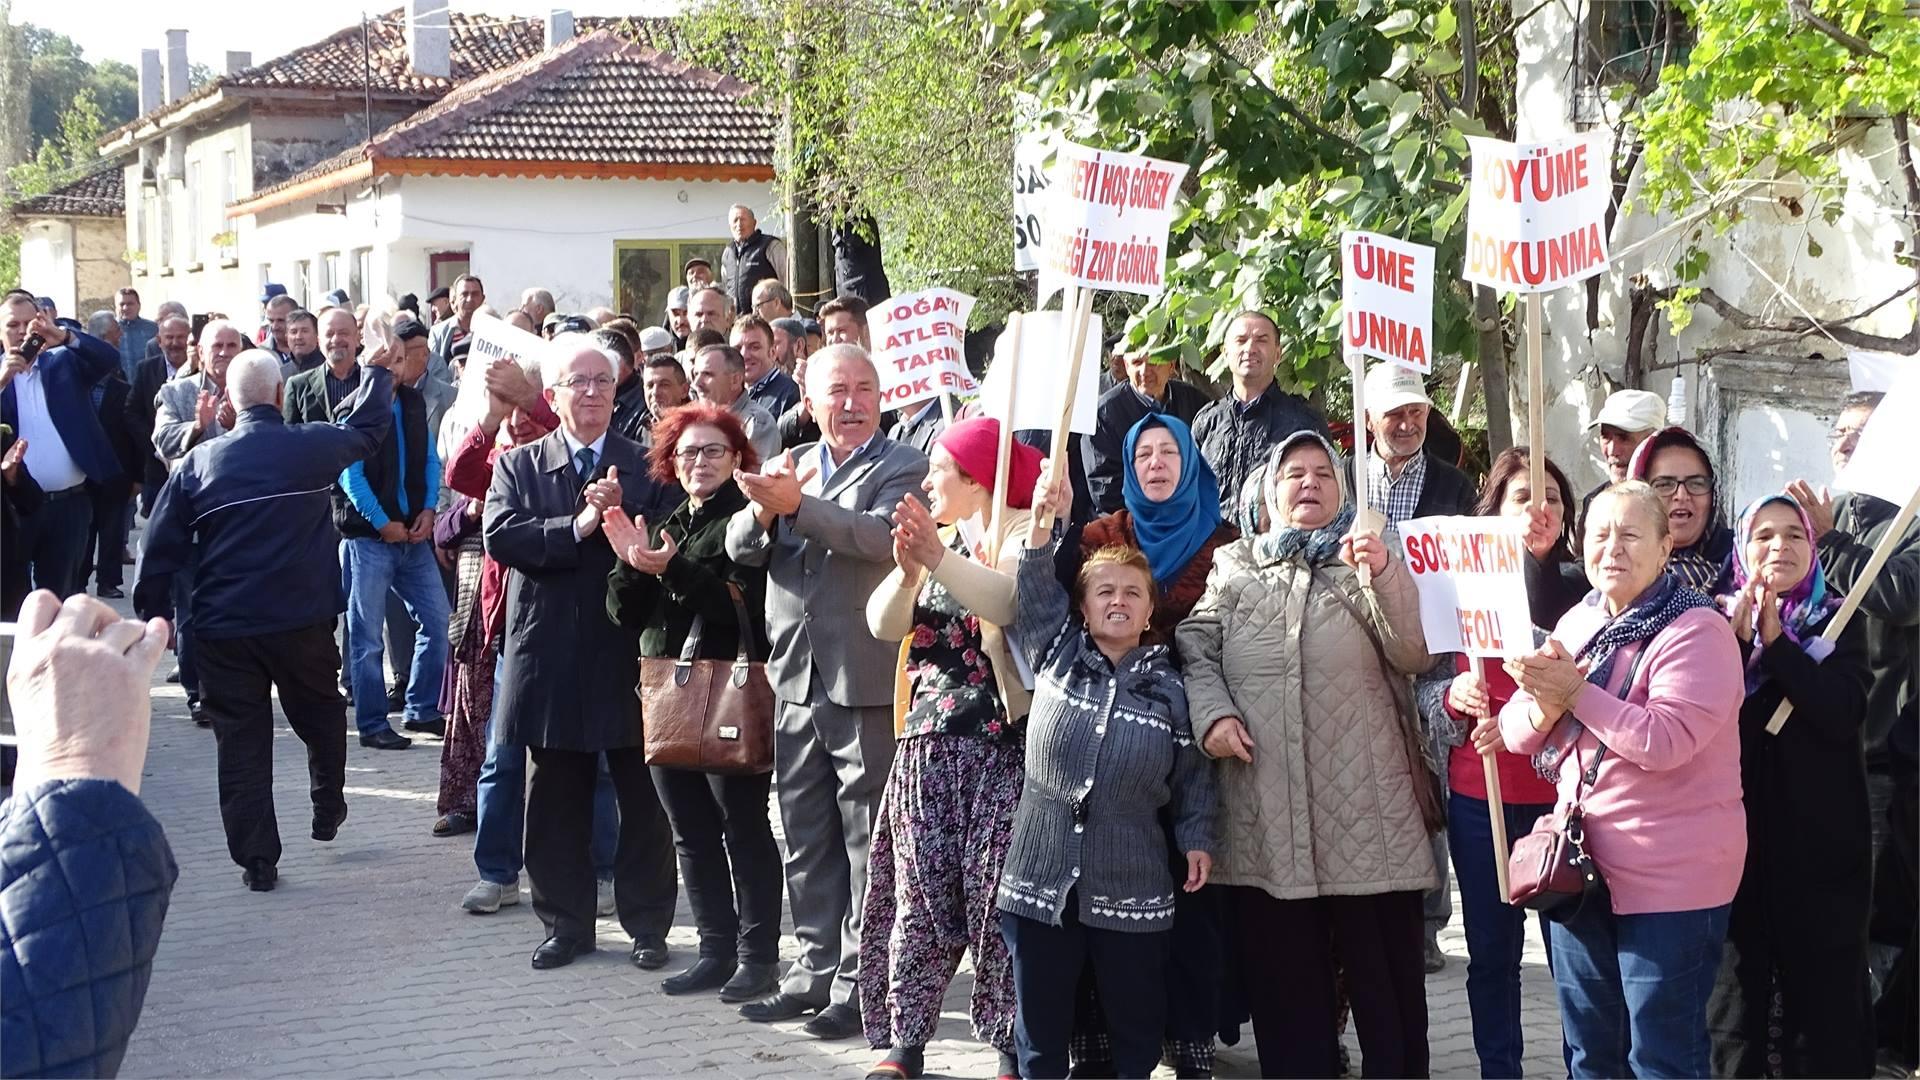 Vize Soğucak Köylüleri, Istranca Ormanları'na kil ocağı ÇED toplantısını yaptırmadı #DirenKuzeyOrmanları